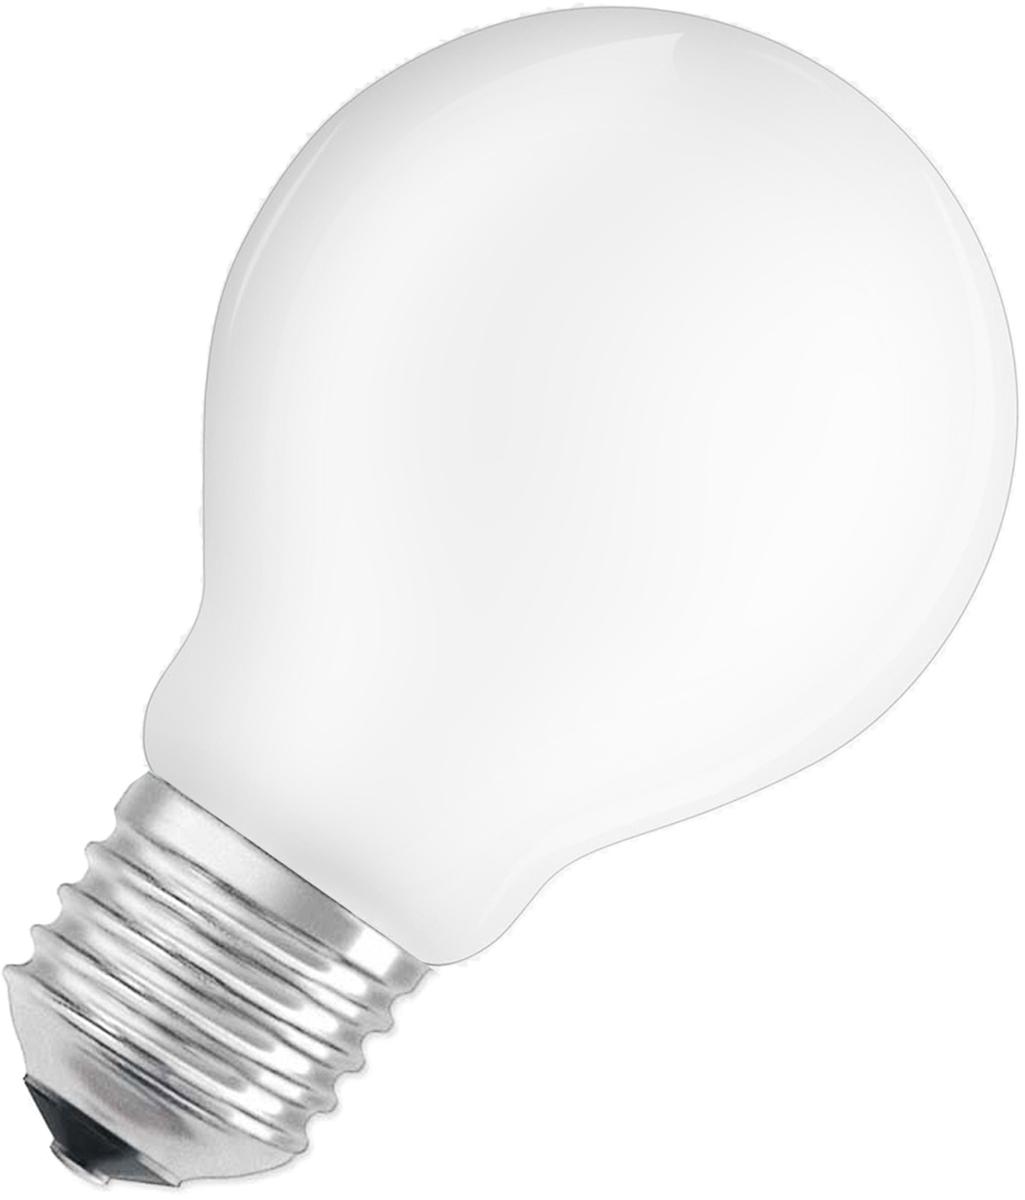 Лампа накаливания Osram Classic A FR 60Вт E27 220-240В 40083214195524008321419552Светодиодные энергосберегающие лампы потребляют на 70% меньше электроэнергии, что не только экономит деньги, но и снижает нагрузку на проводку. Свет, который излучают светодиодные светильники, не раздражает глаза и может быть разным по интенсивности и световой температуре. Они легко монтируются в стены и потолки, в том числе и в натяжные. Разнообразный дизайн позволяет подобрать светодиодные лампы для любого пространства.